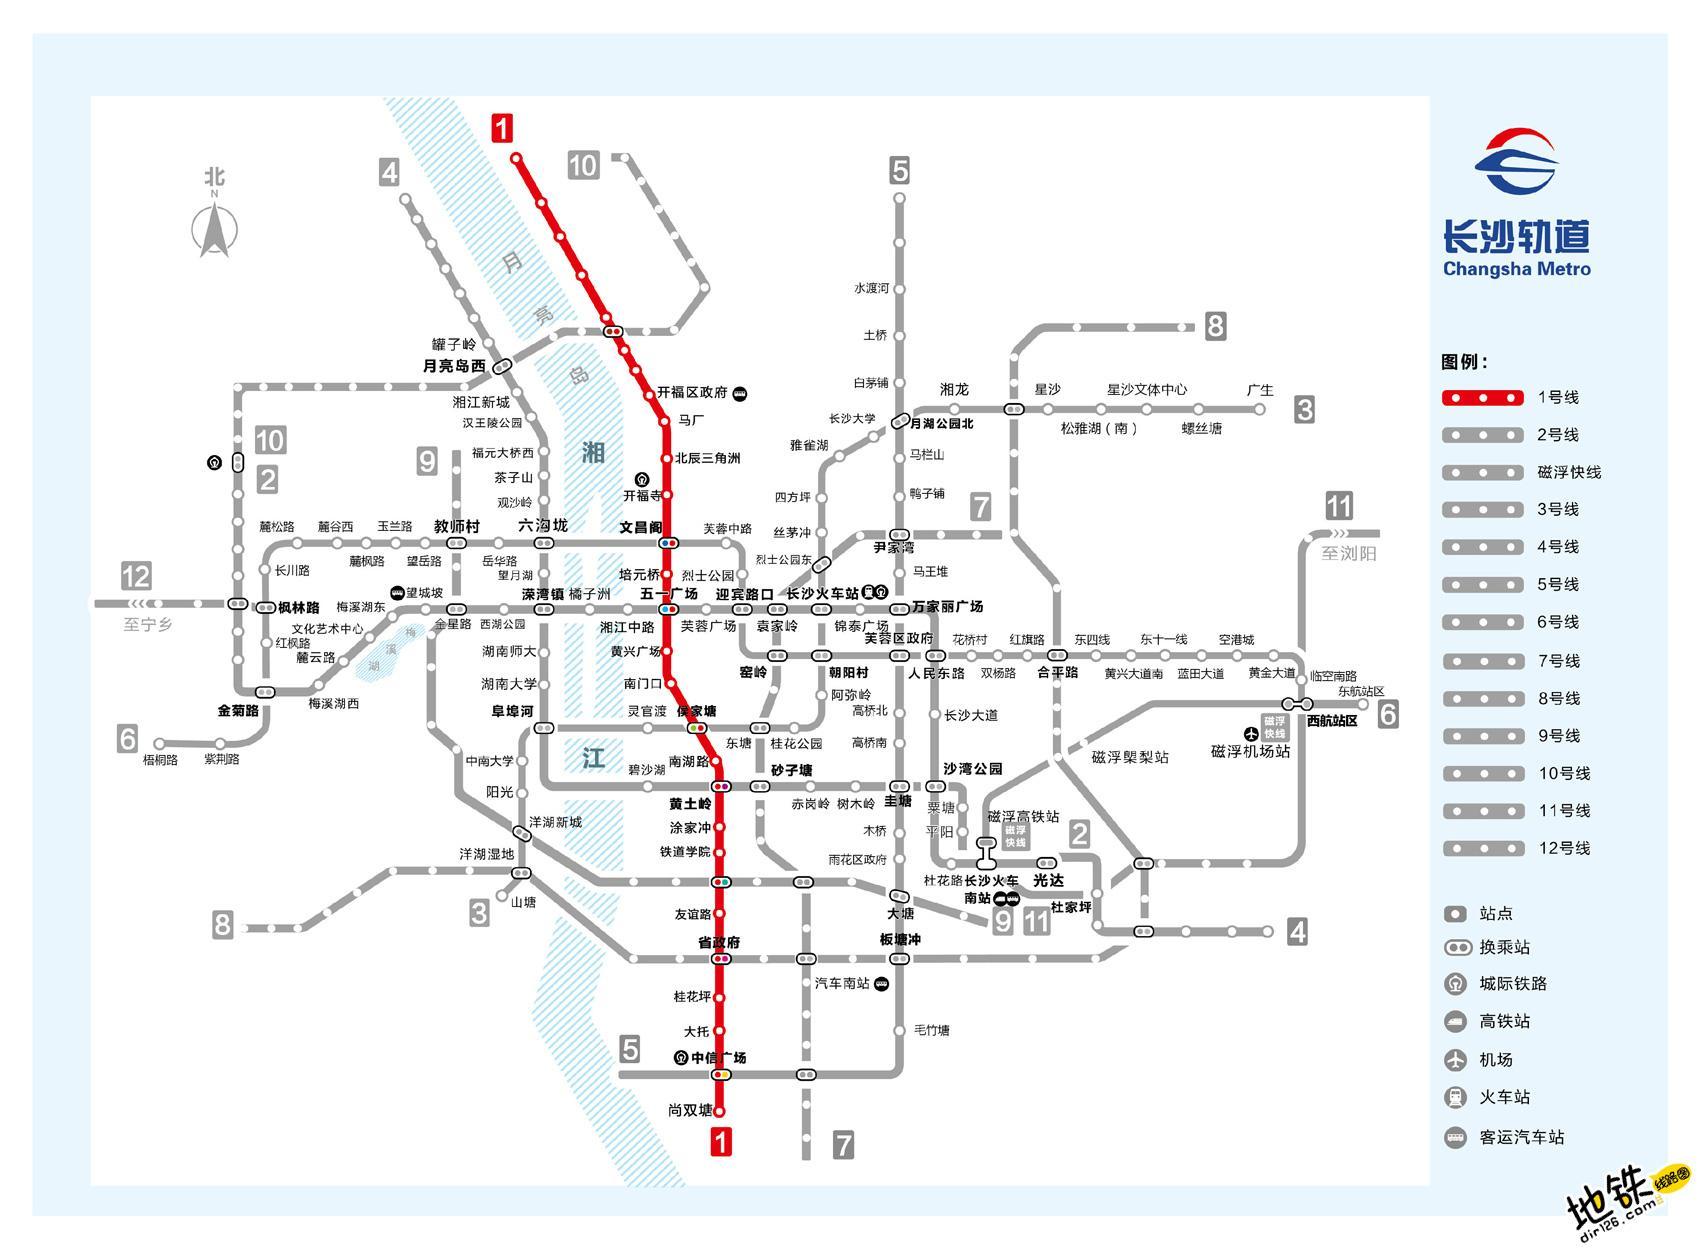 长沙地铁1号线线路图 运营时间票价站点 查询下载 长沙地铁1号线查询 长沙地铁1号线运营时间 长沙地铁1号线线路图 长沙地铁1号线 长沙地铁一号线 长沙地铁线路图  第2张